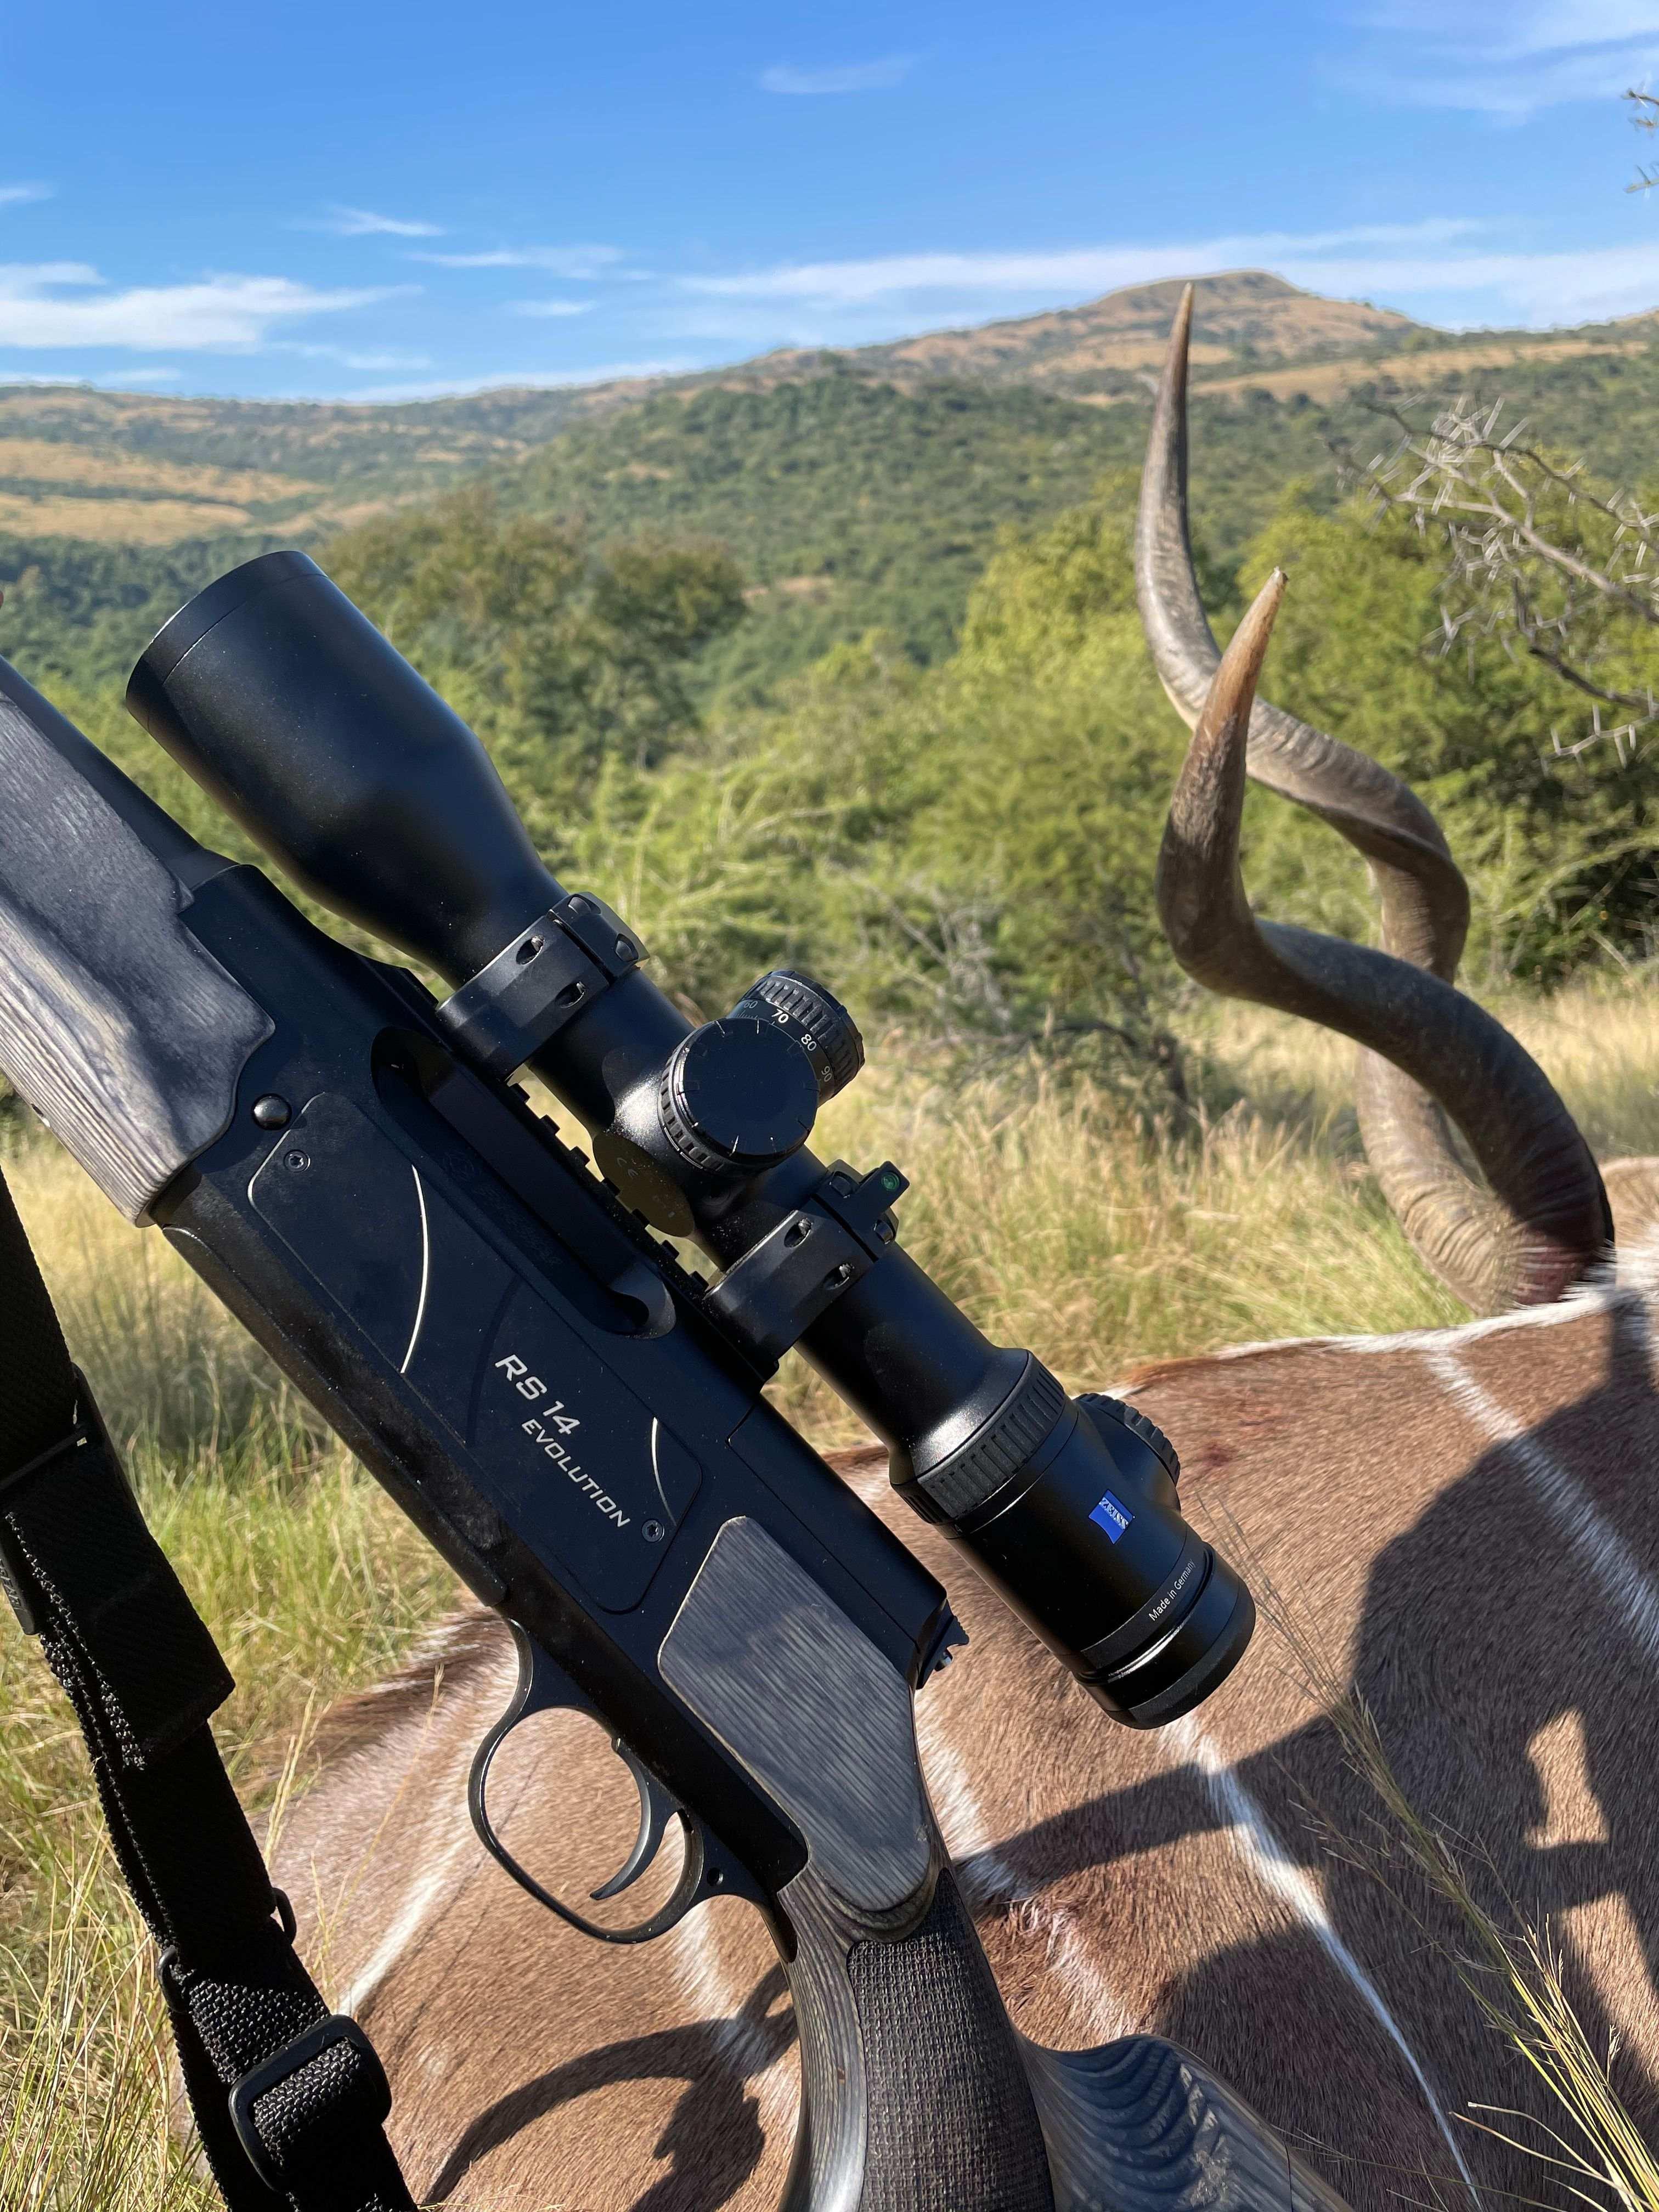 Bonus Prize: African Safari Trip